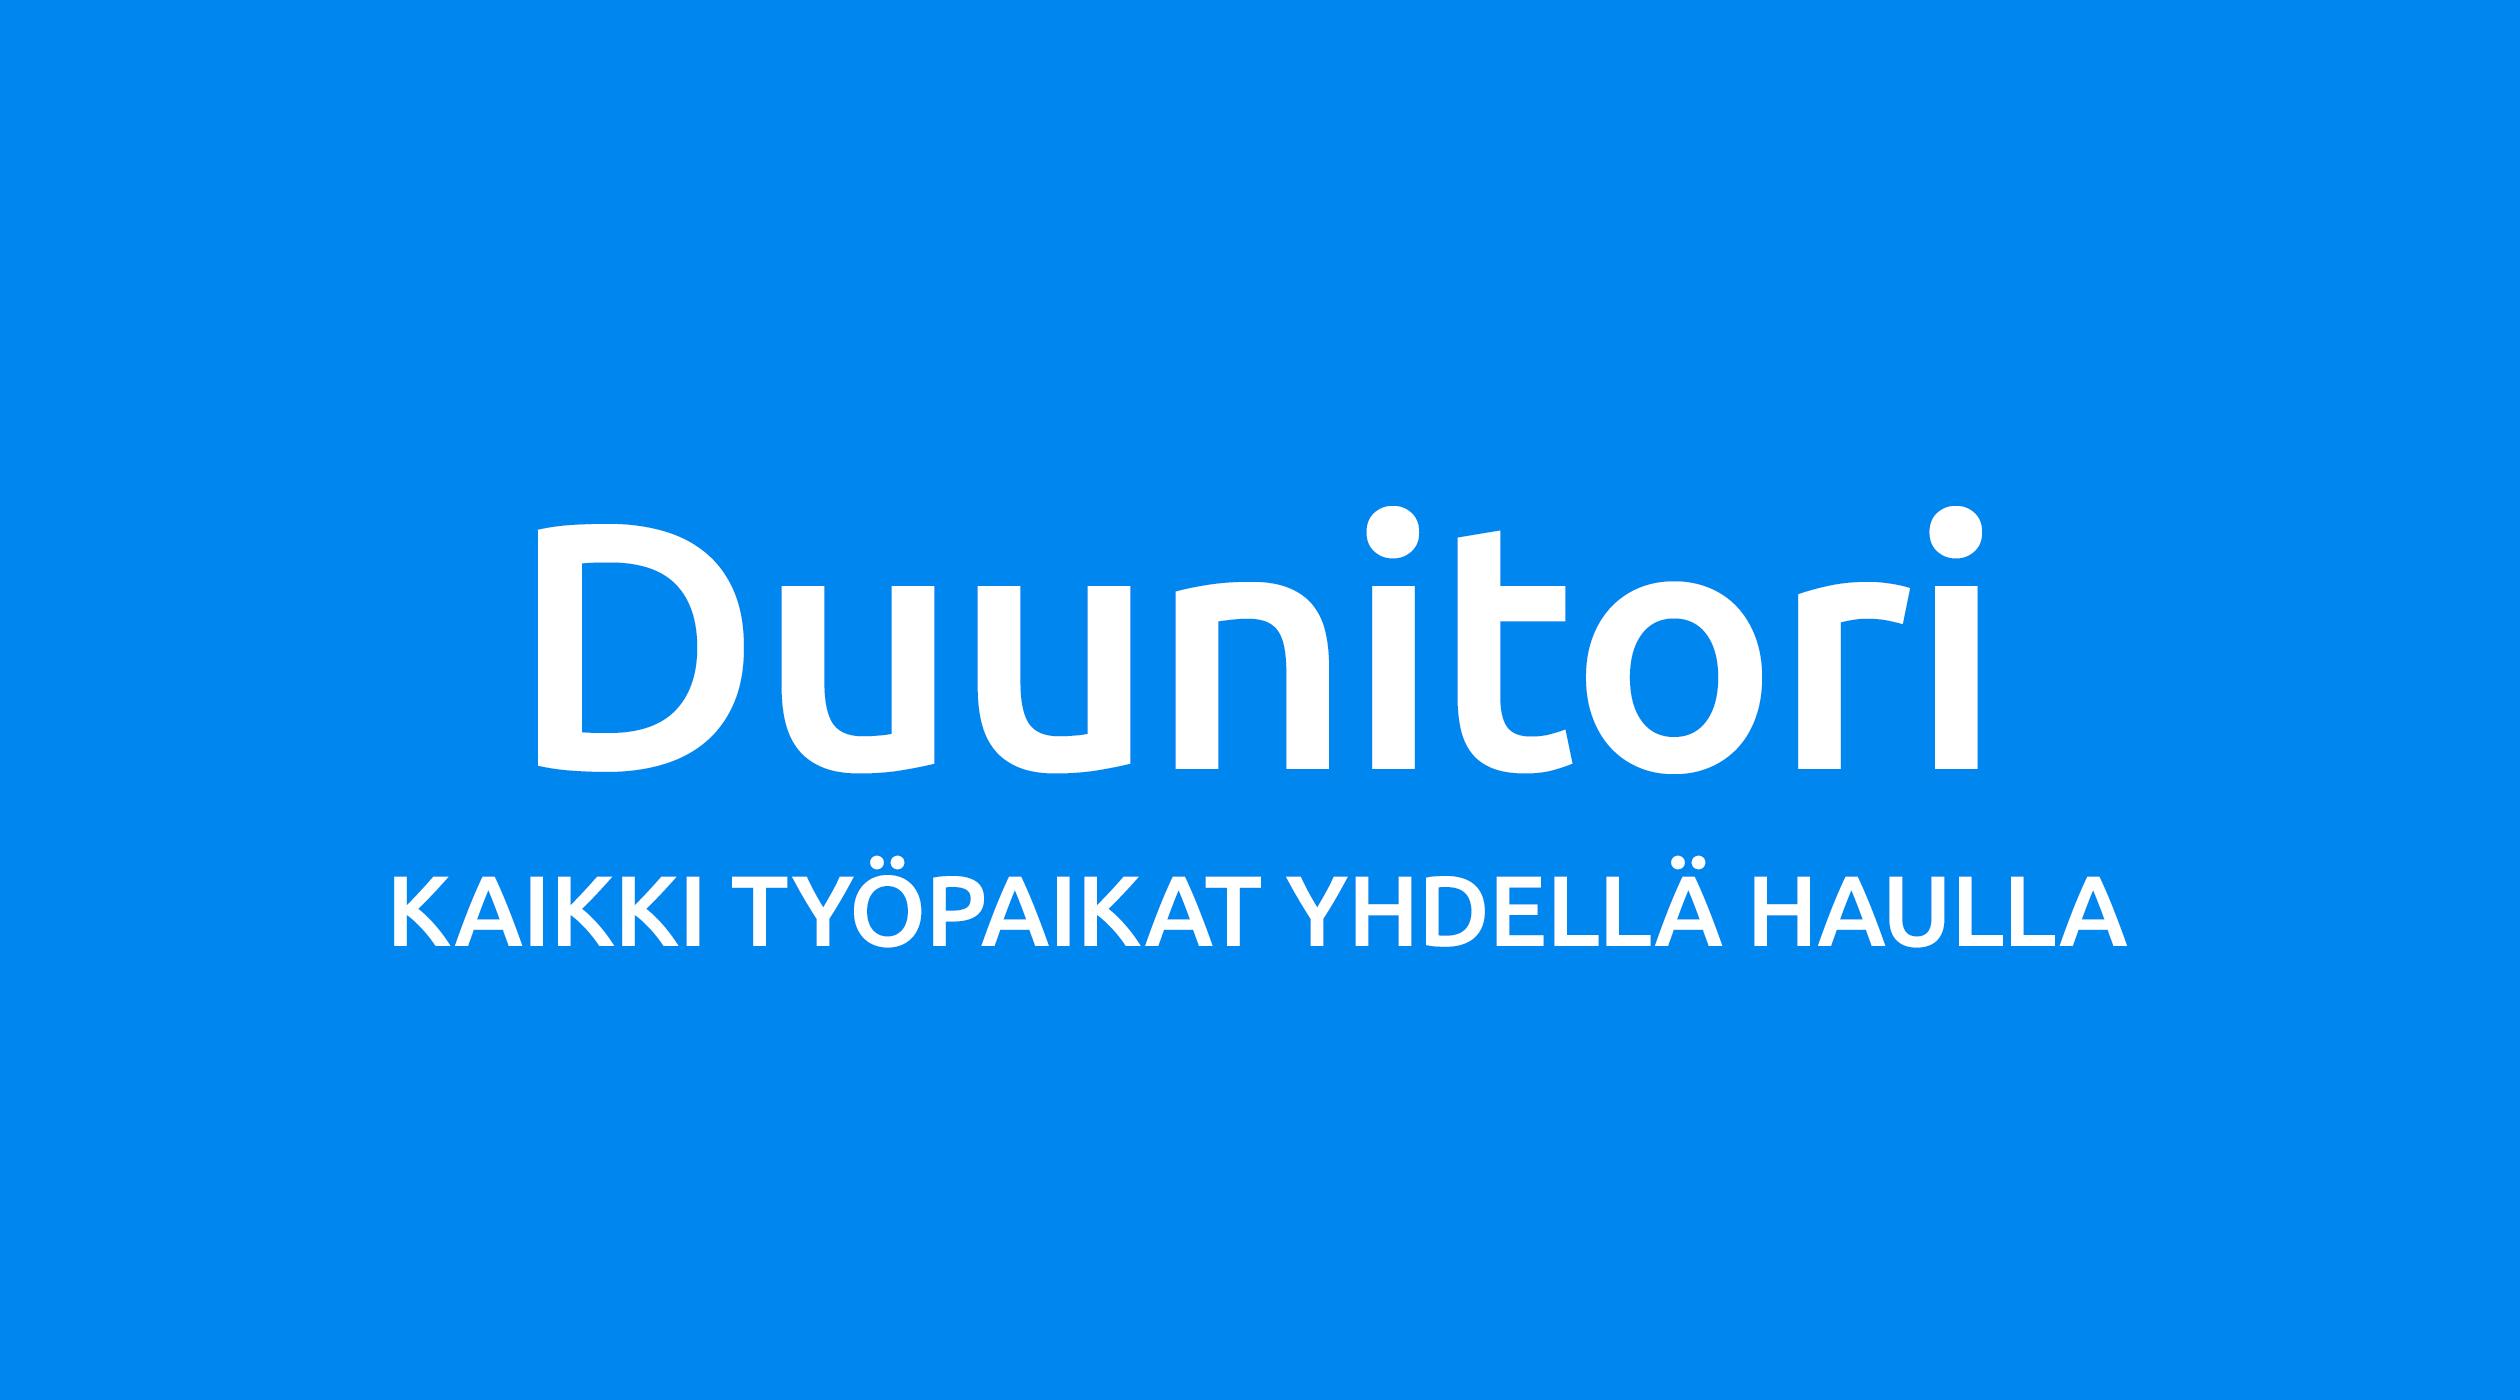 avoimet kesätyöpaikat jyväskylä Pietarsaari